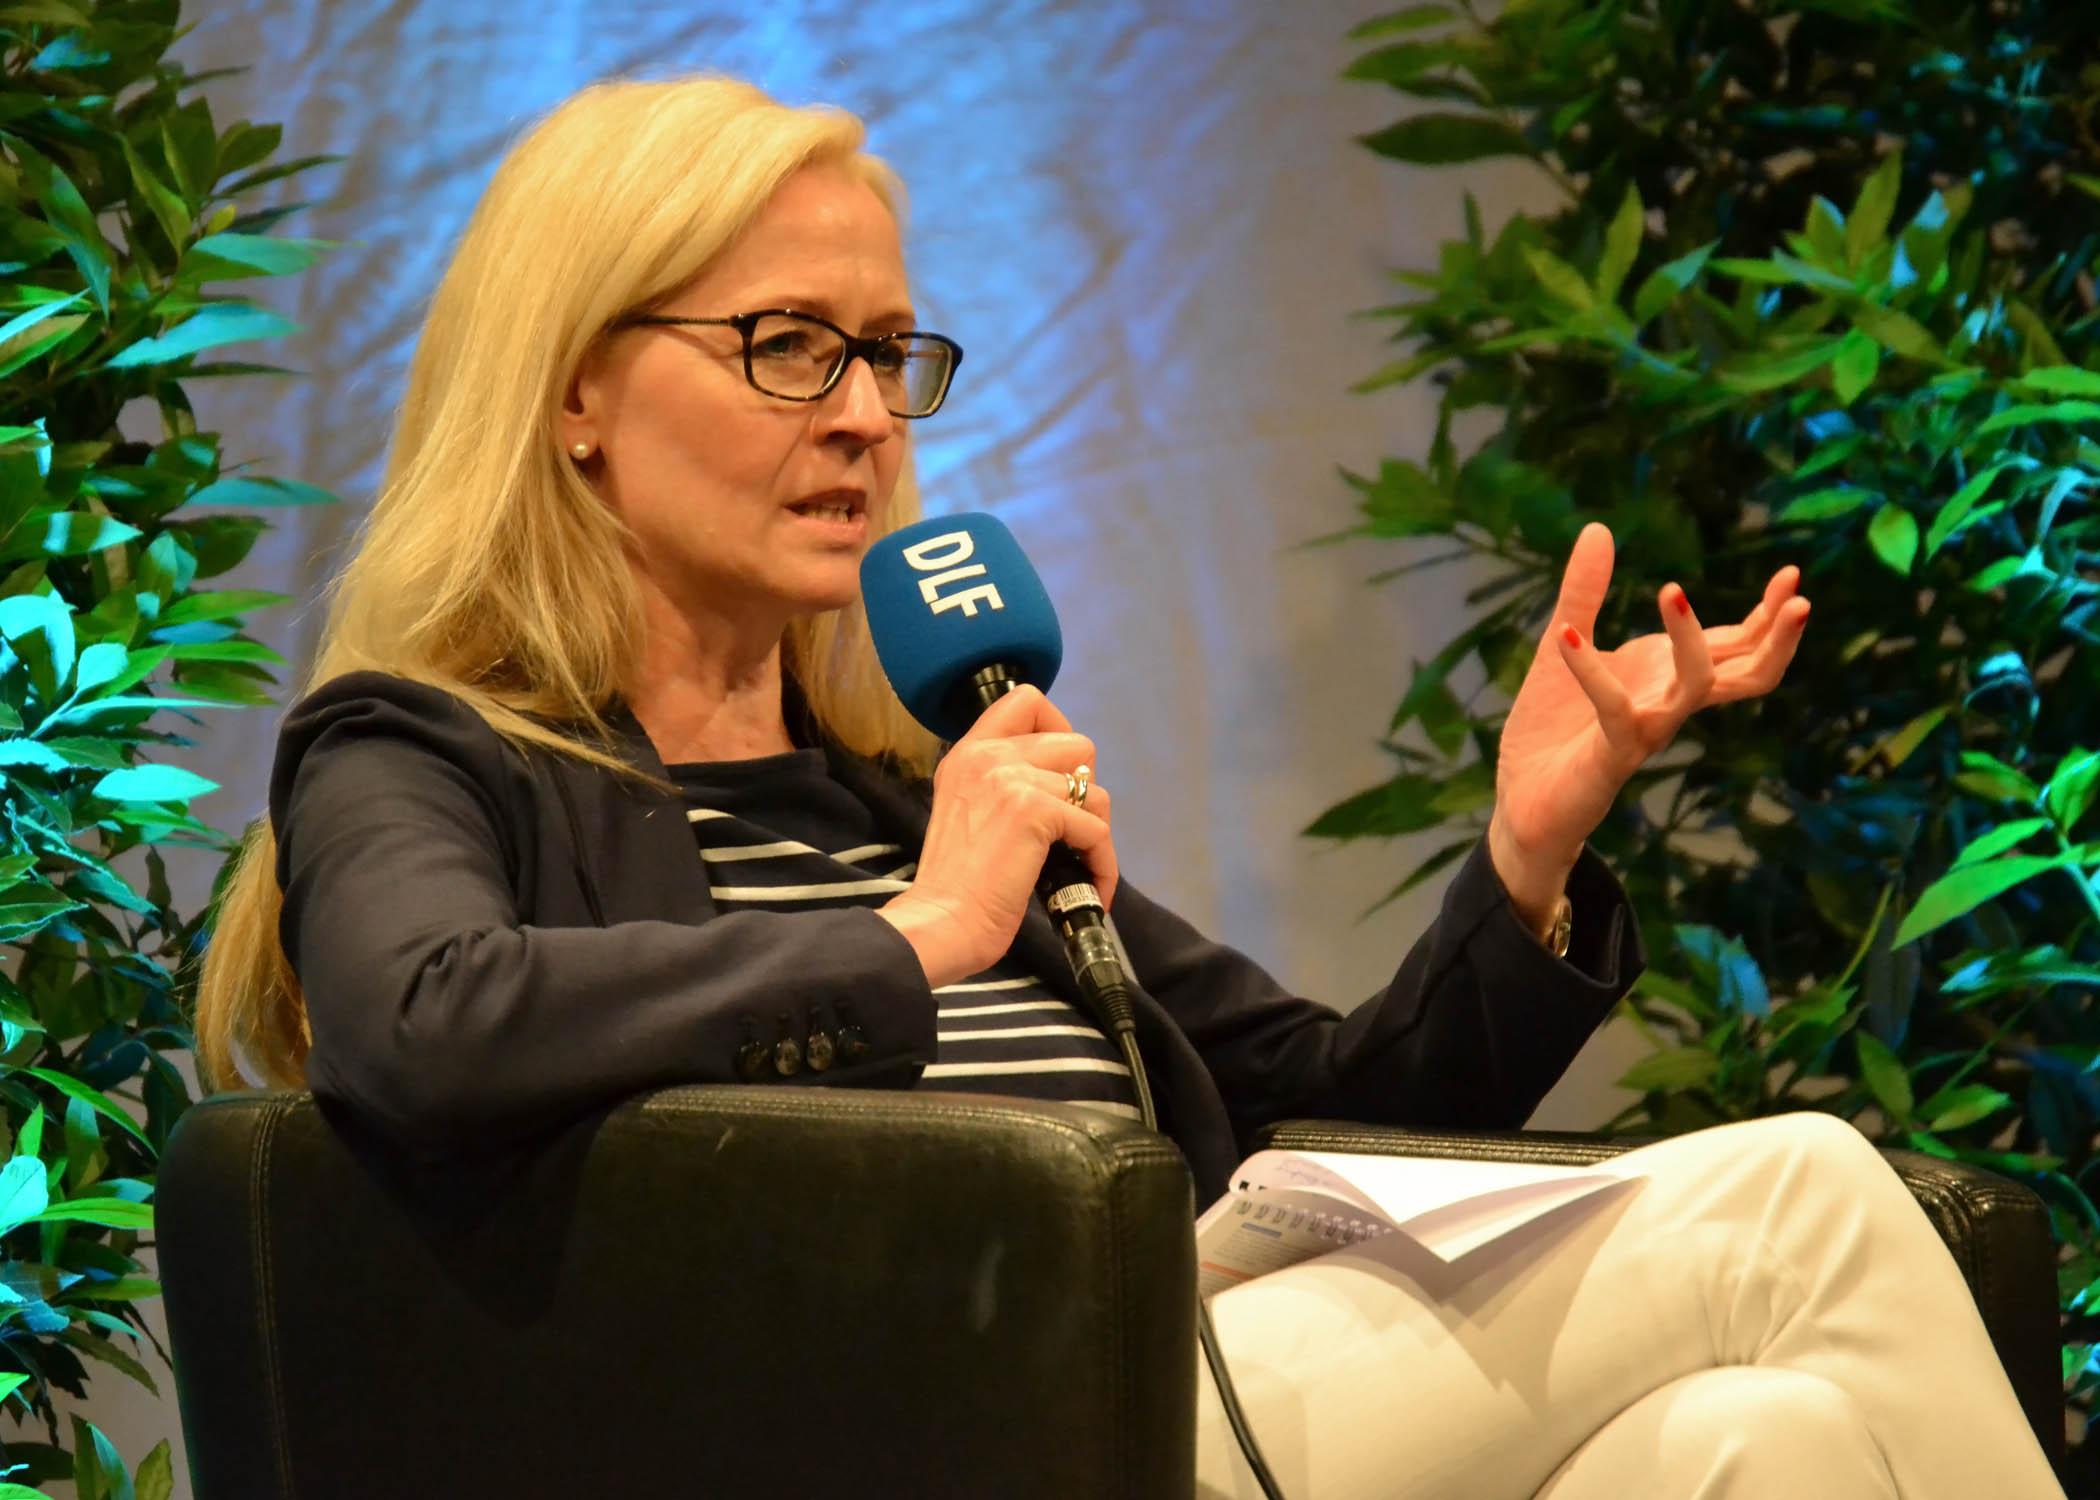 """Bettina Schmieding, Chefin vom Dienst beim Deutschlandfunk, beteiligte sich an der Diskussion """"Medienkritik im Netz und mit dem Netz""""."""